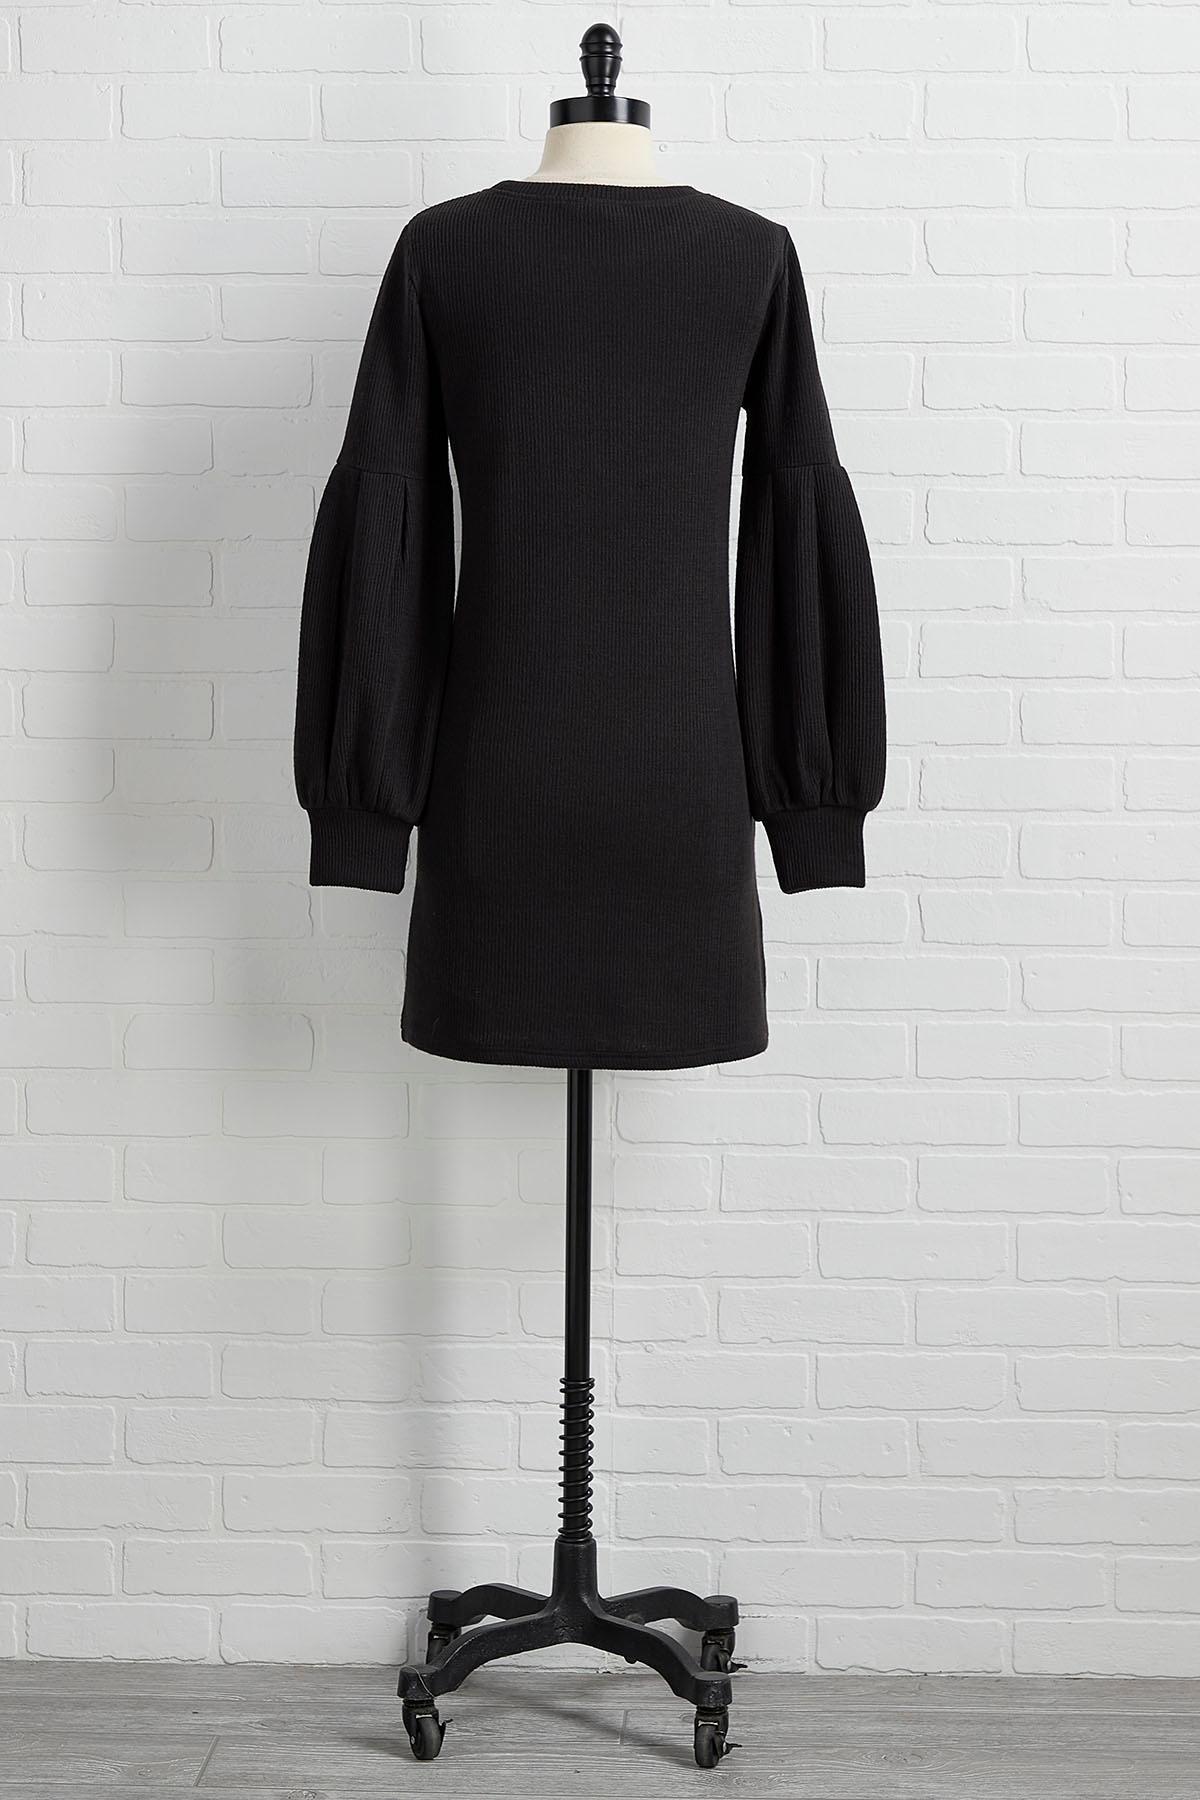 Simple Things Dress